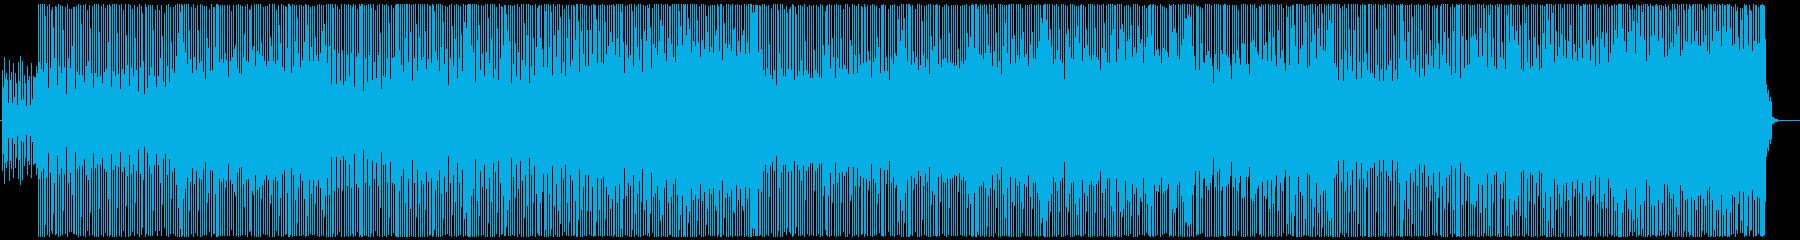 宮本武蔵 五輪書 風の巻を表現しました。の再生済みの波形